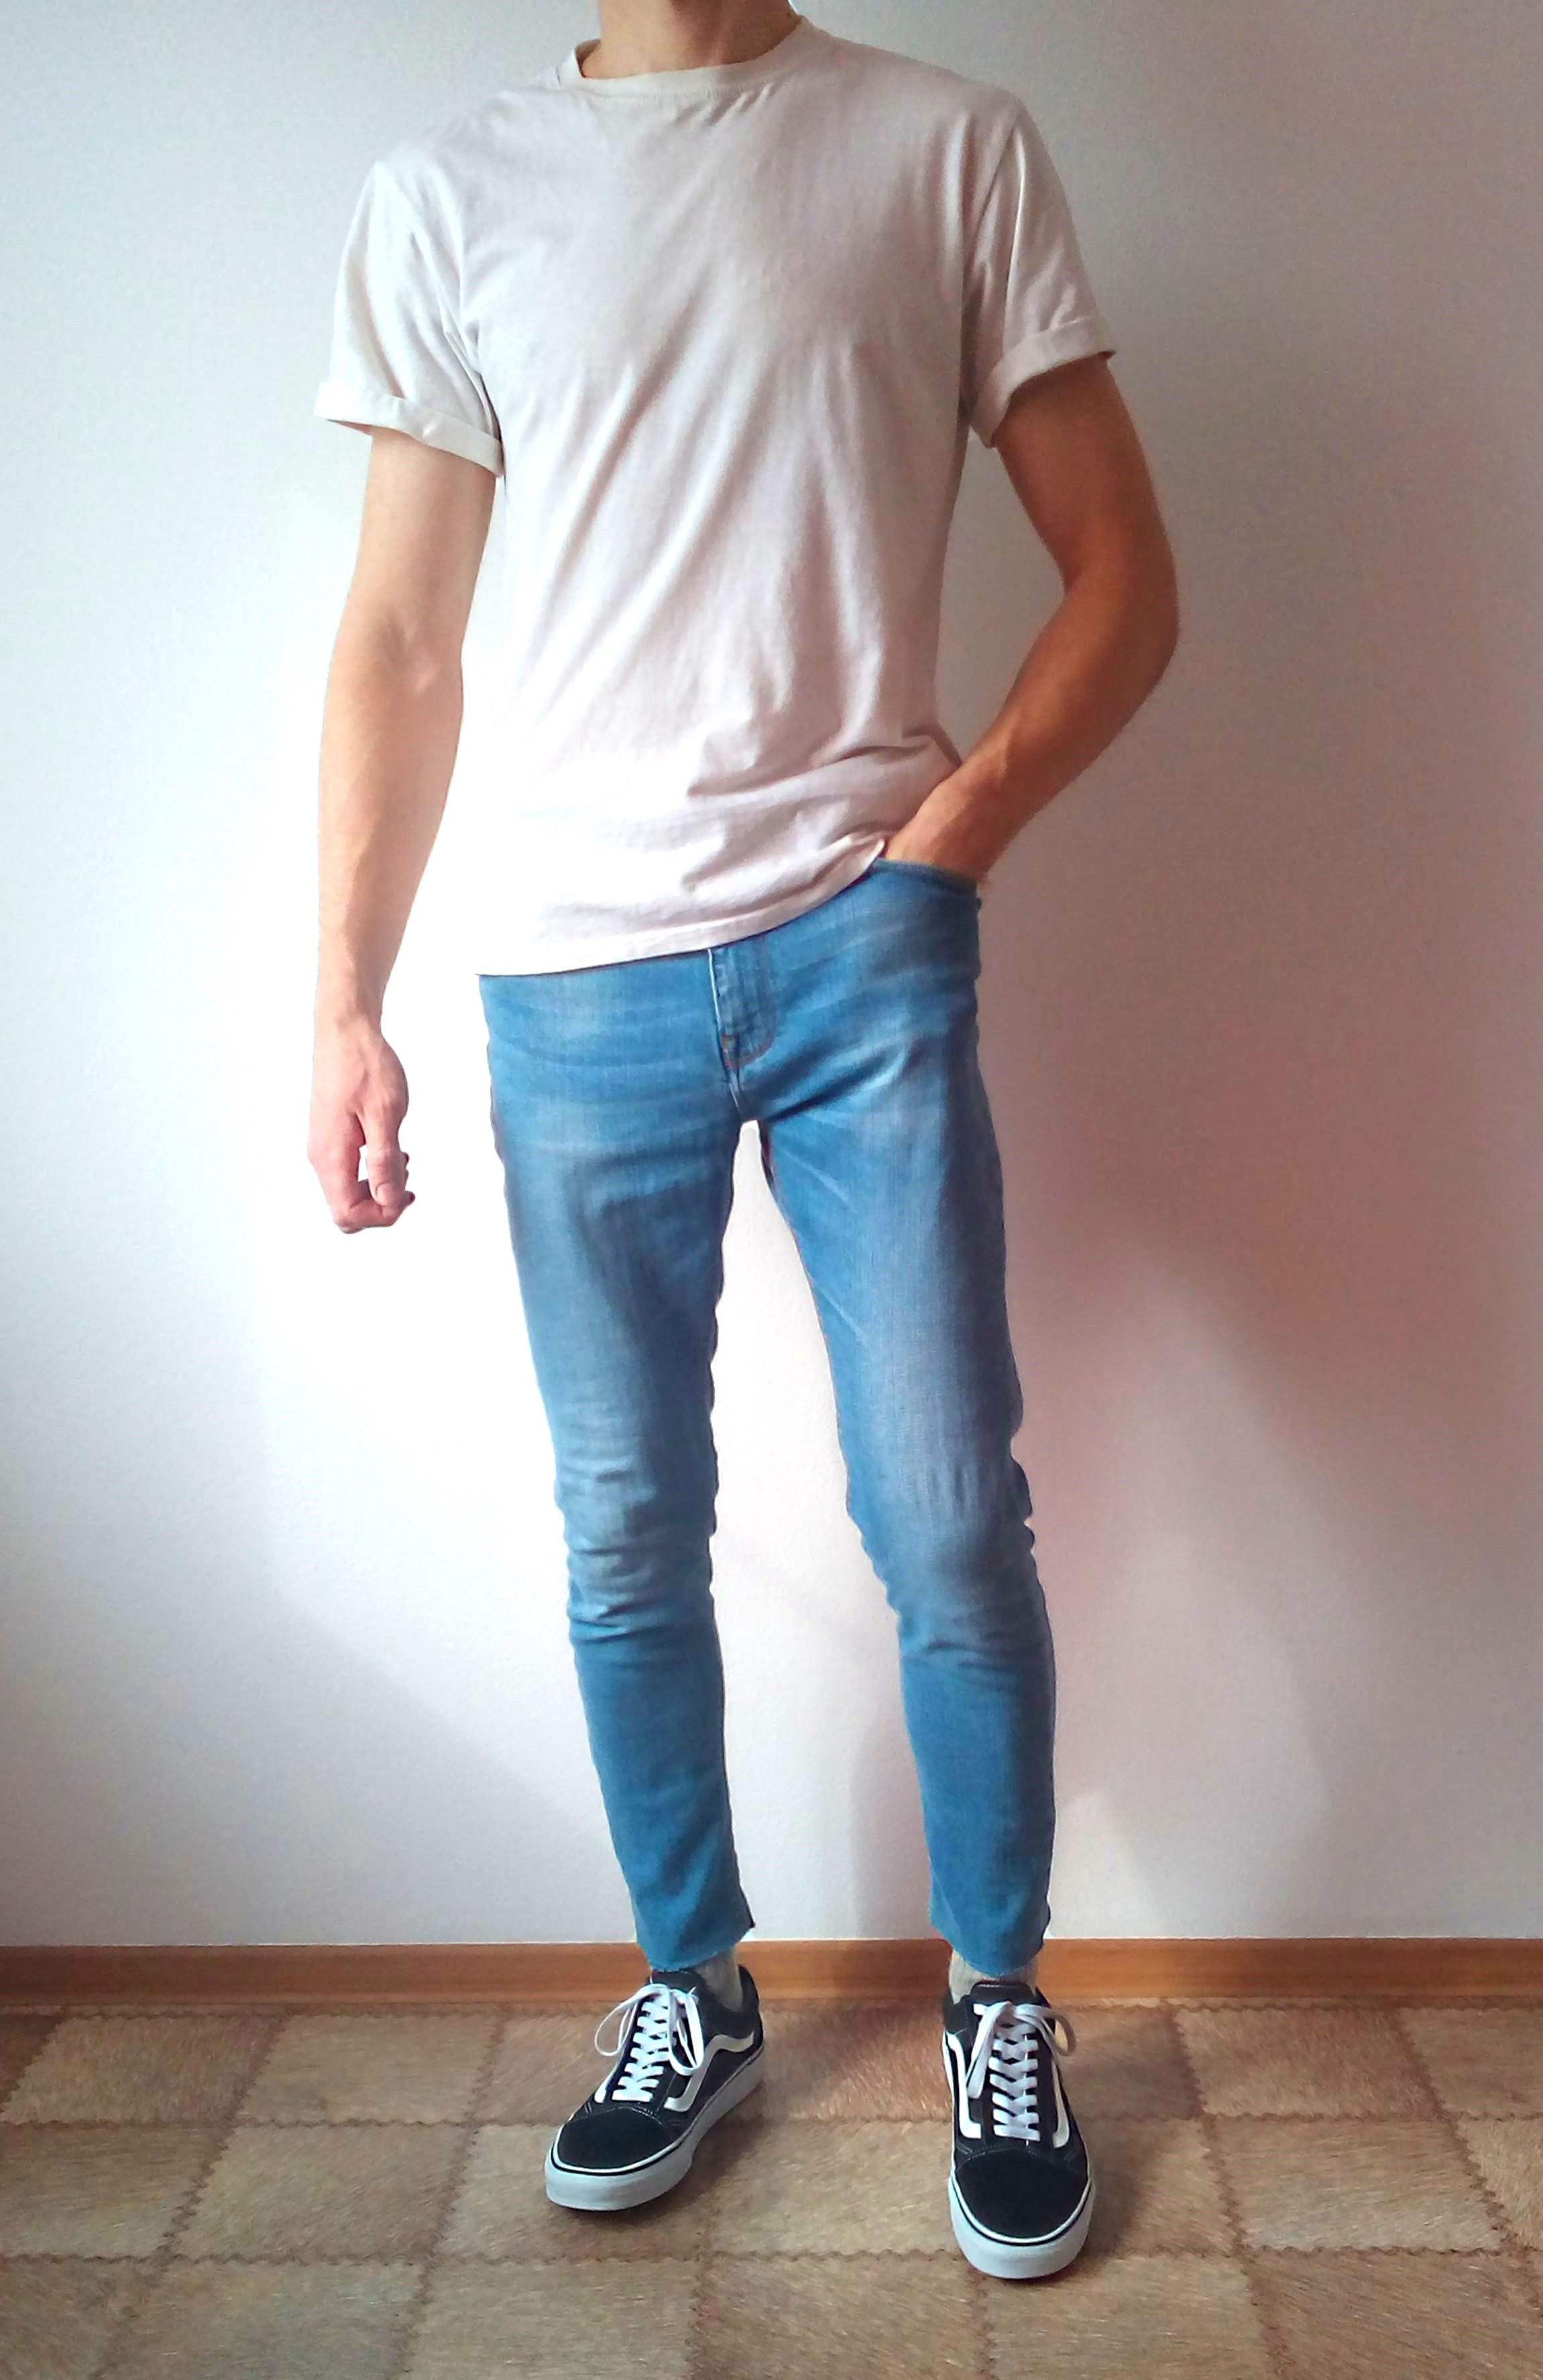 vans old skool skinny jeans boys guys outfit | vans love